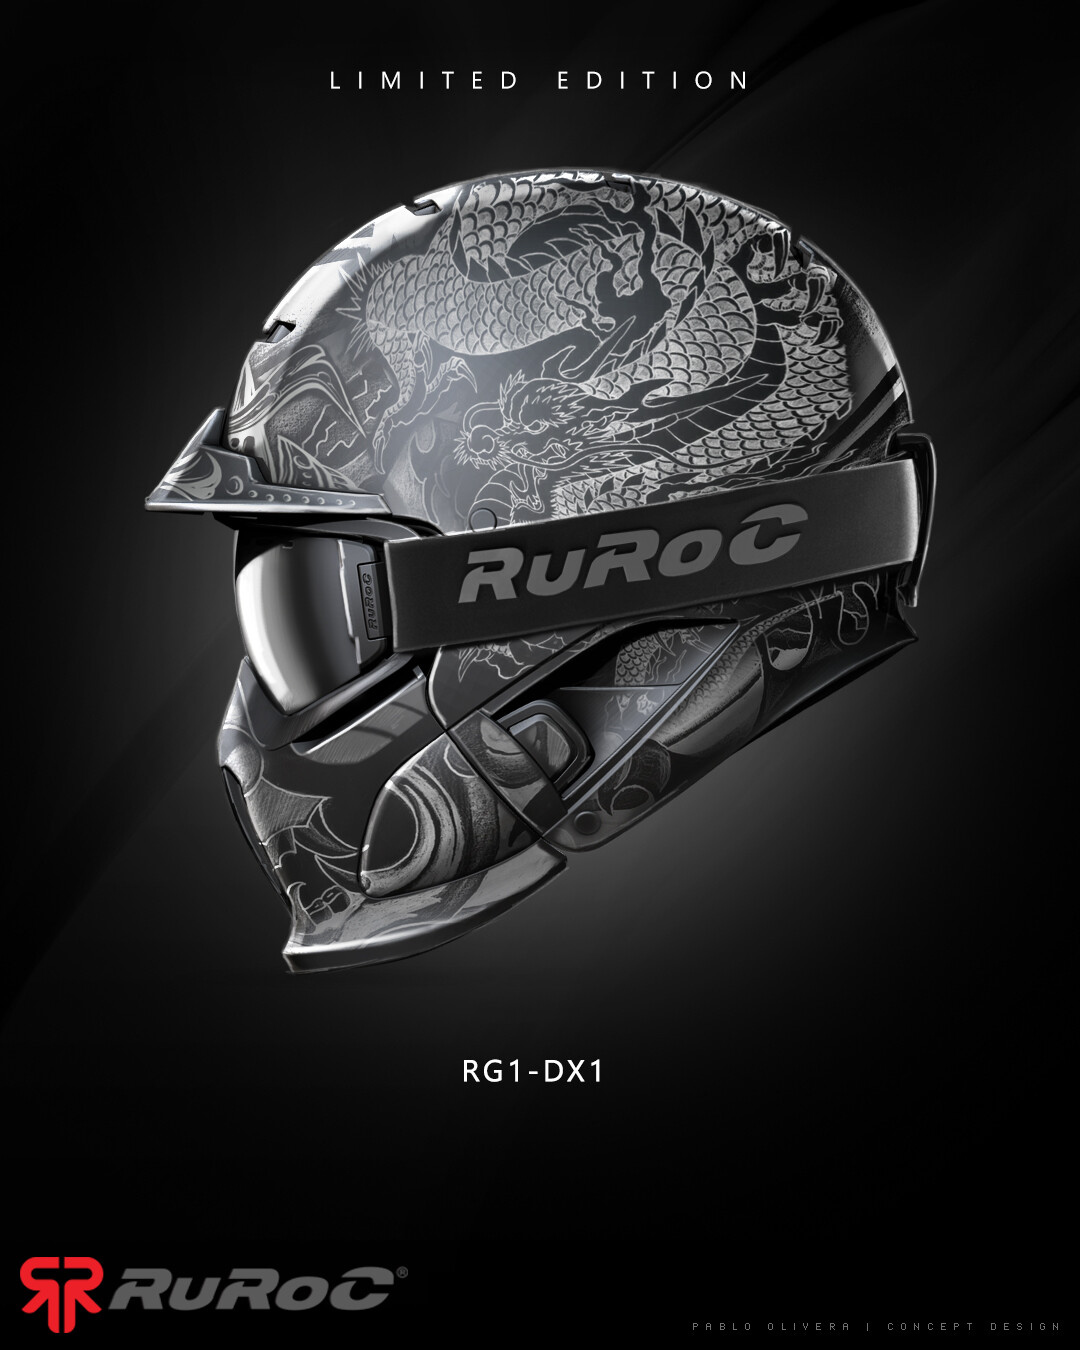 Ruroc - RG1 helmet design